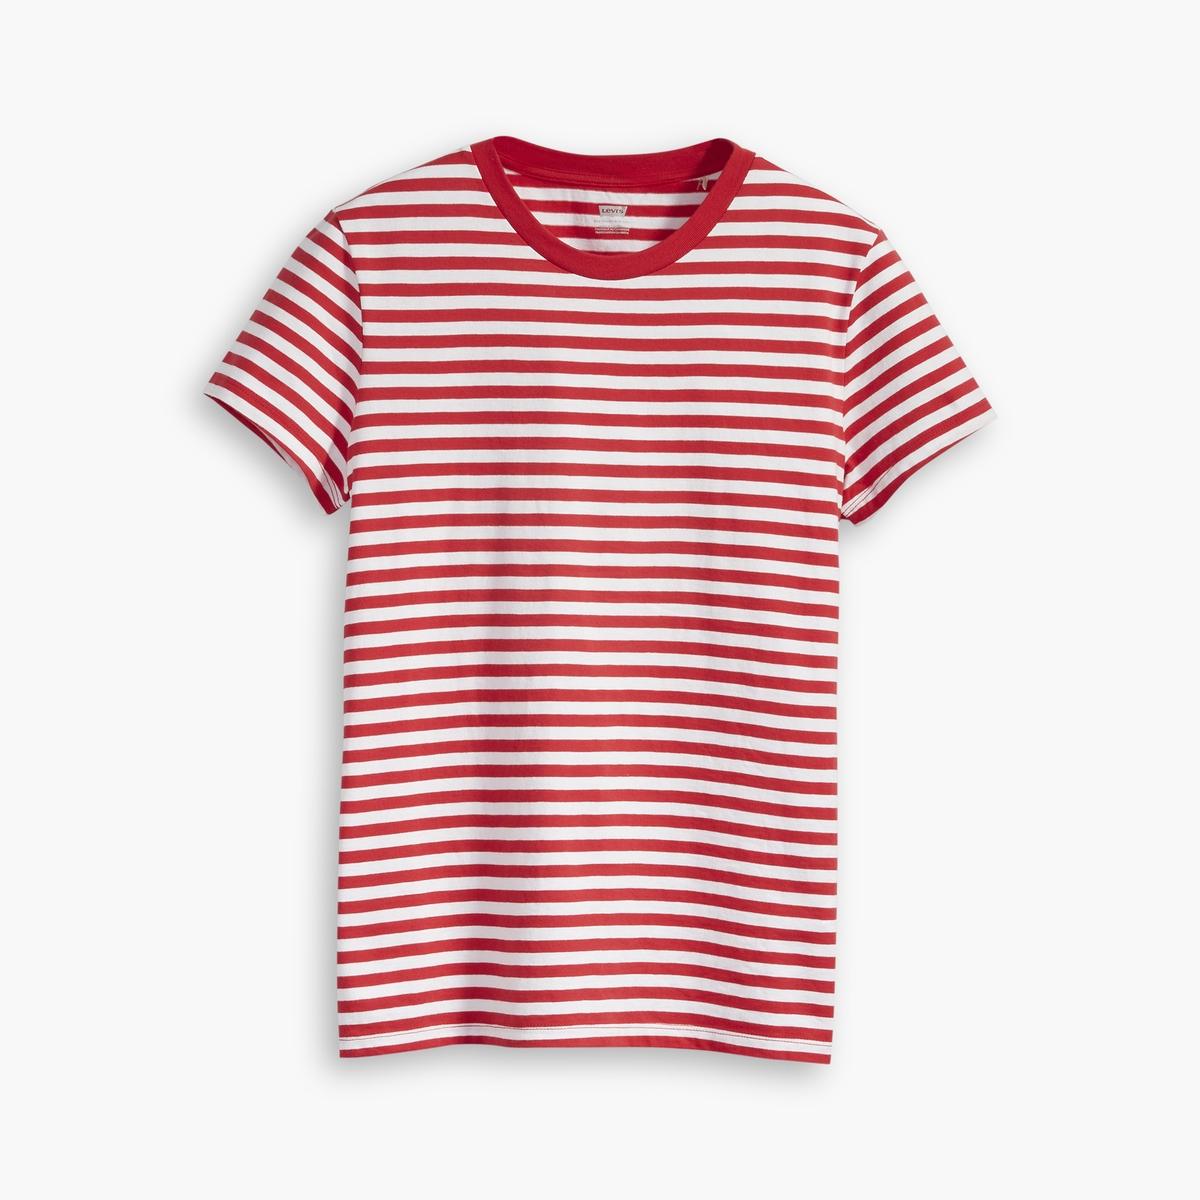 Camiseta a rayas, Perfect Tee, con cuello redondo